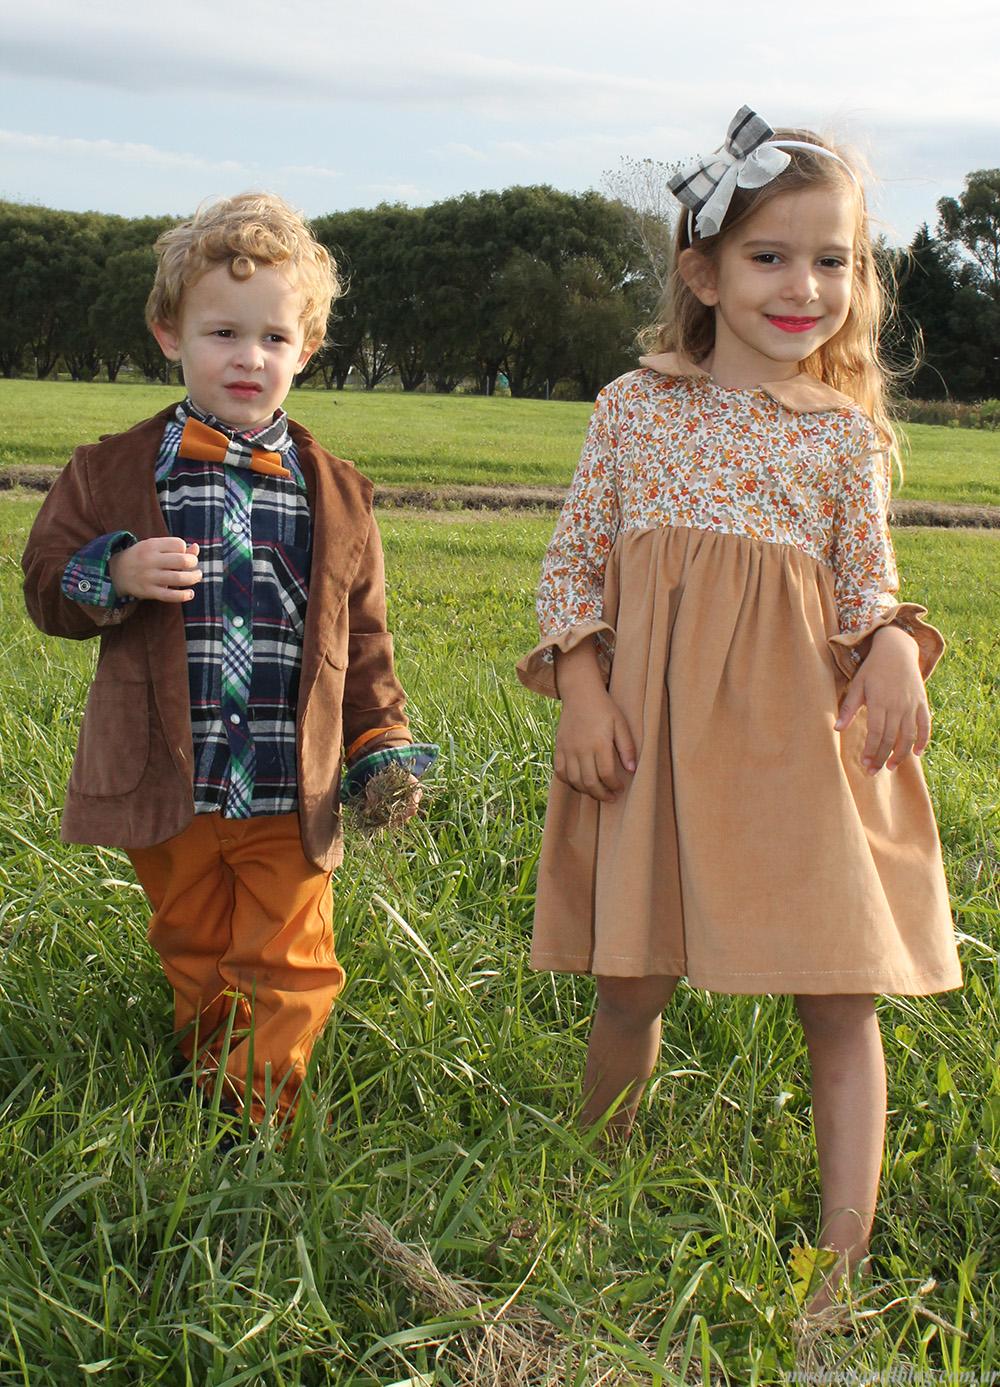 Moda infantil invierno 2014. Niños Eyre otoño invierno 2014. Moda otoño invierno 2014.